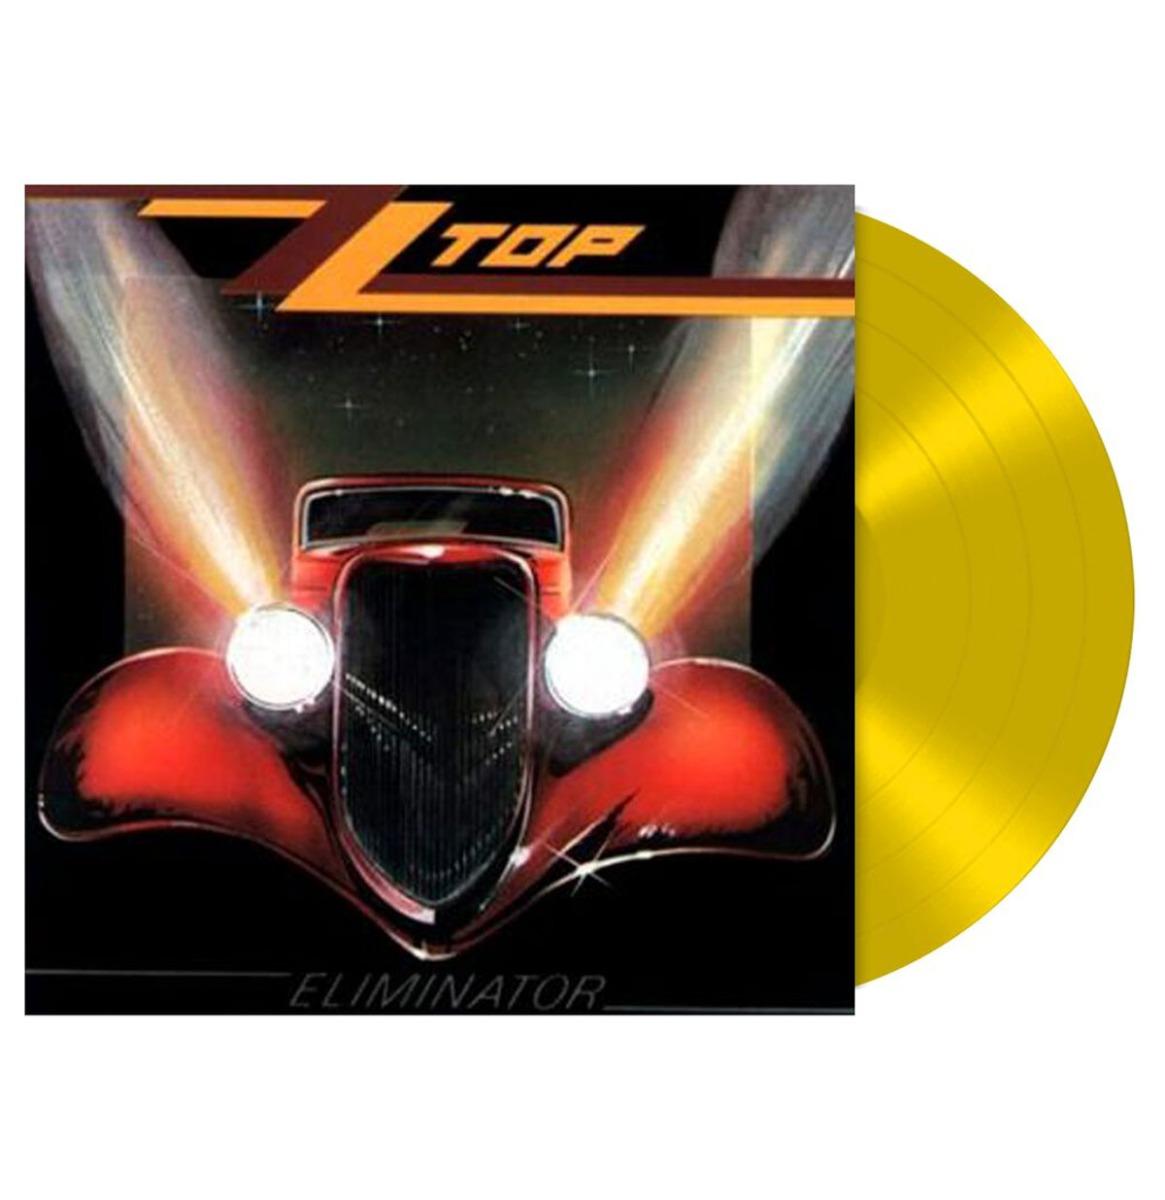 ZZ Top - Elminator LP - Beperkte Oplage